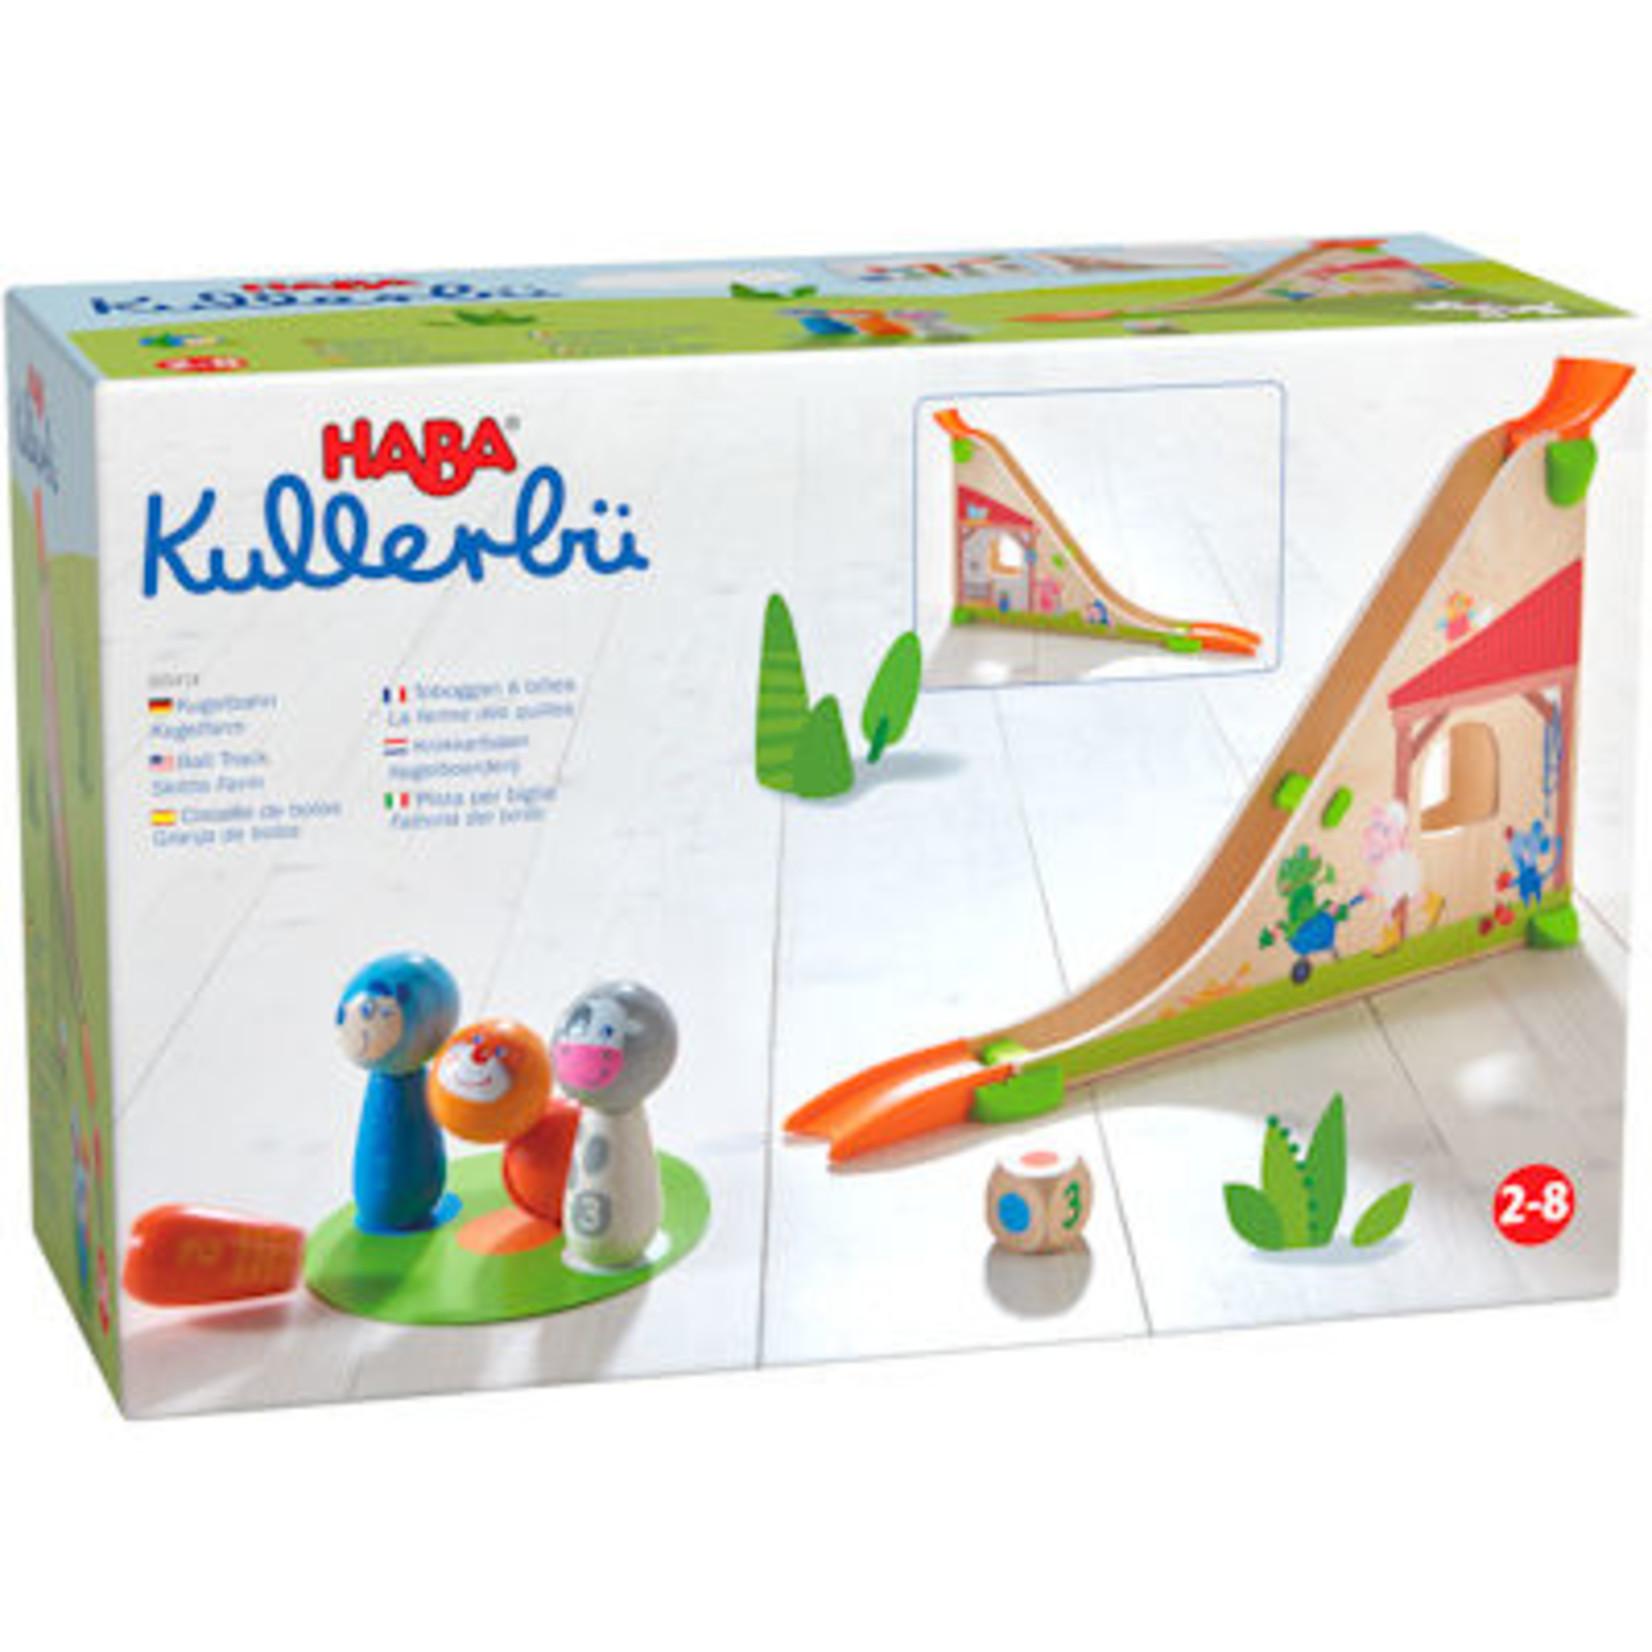 Haba Kullerbü Mijn eerste knikkerbaan Kegelboerderij